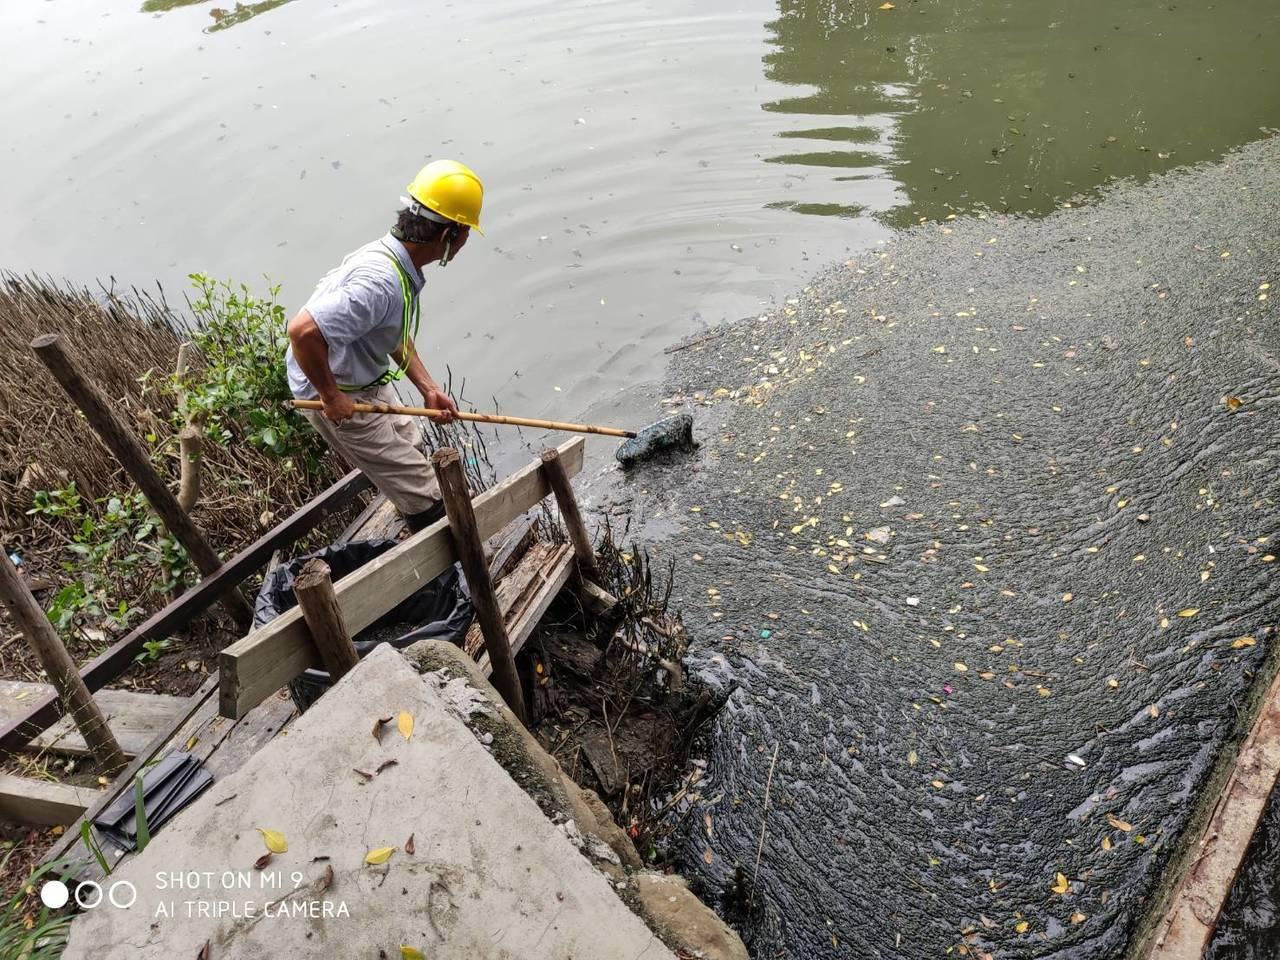 中都濕地公園水質變差,高雄市養工處立即派員查看,並立即清理漂在水面的垃圾。記者謝...